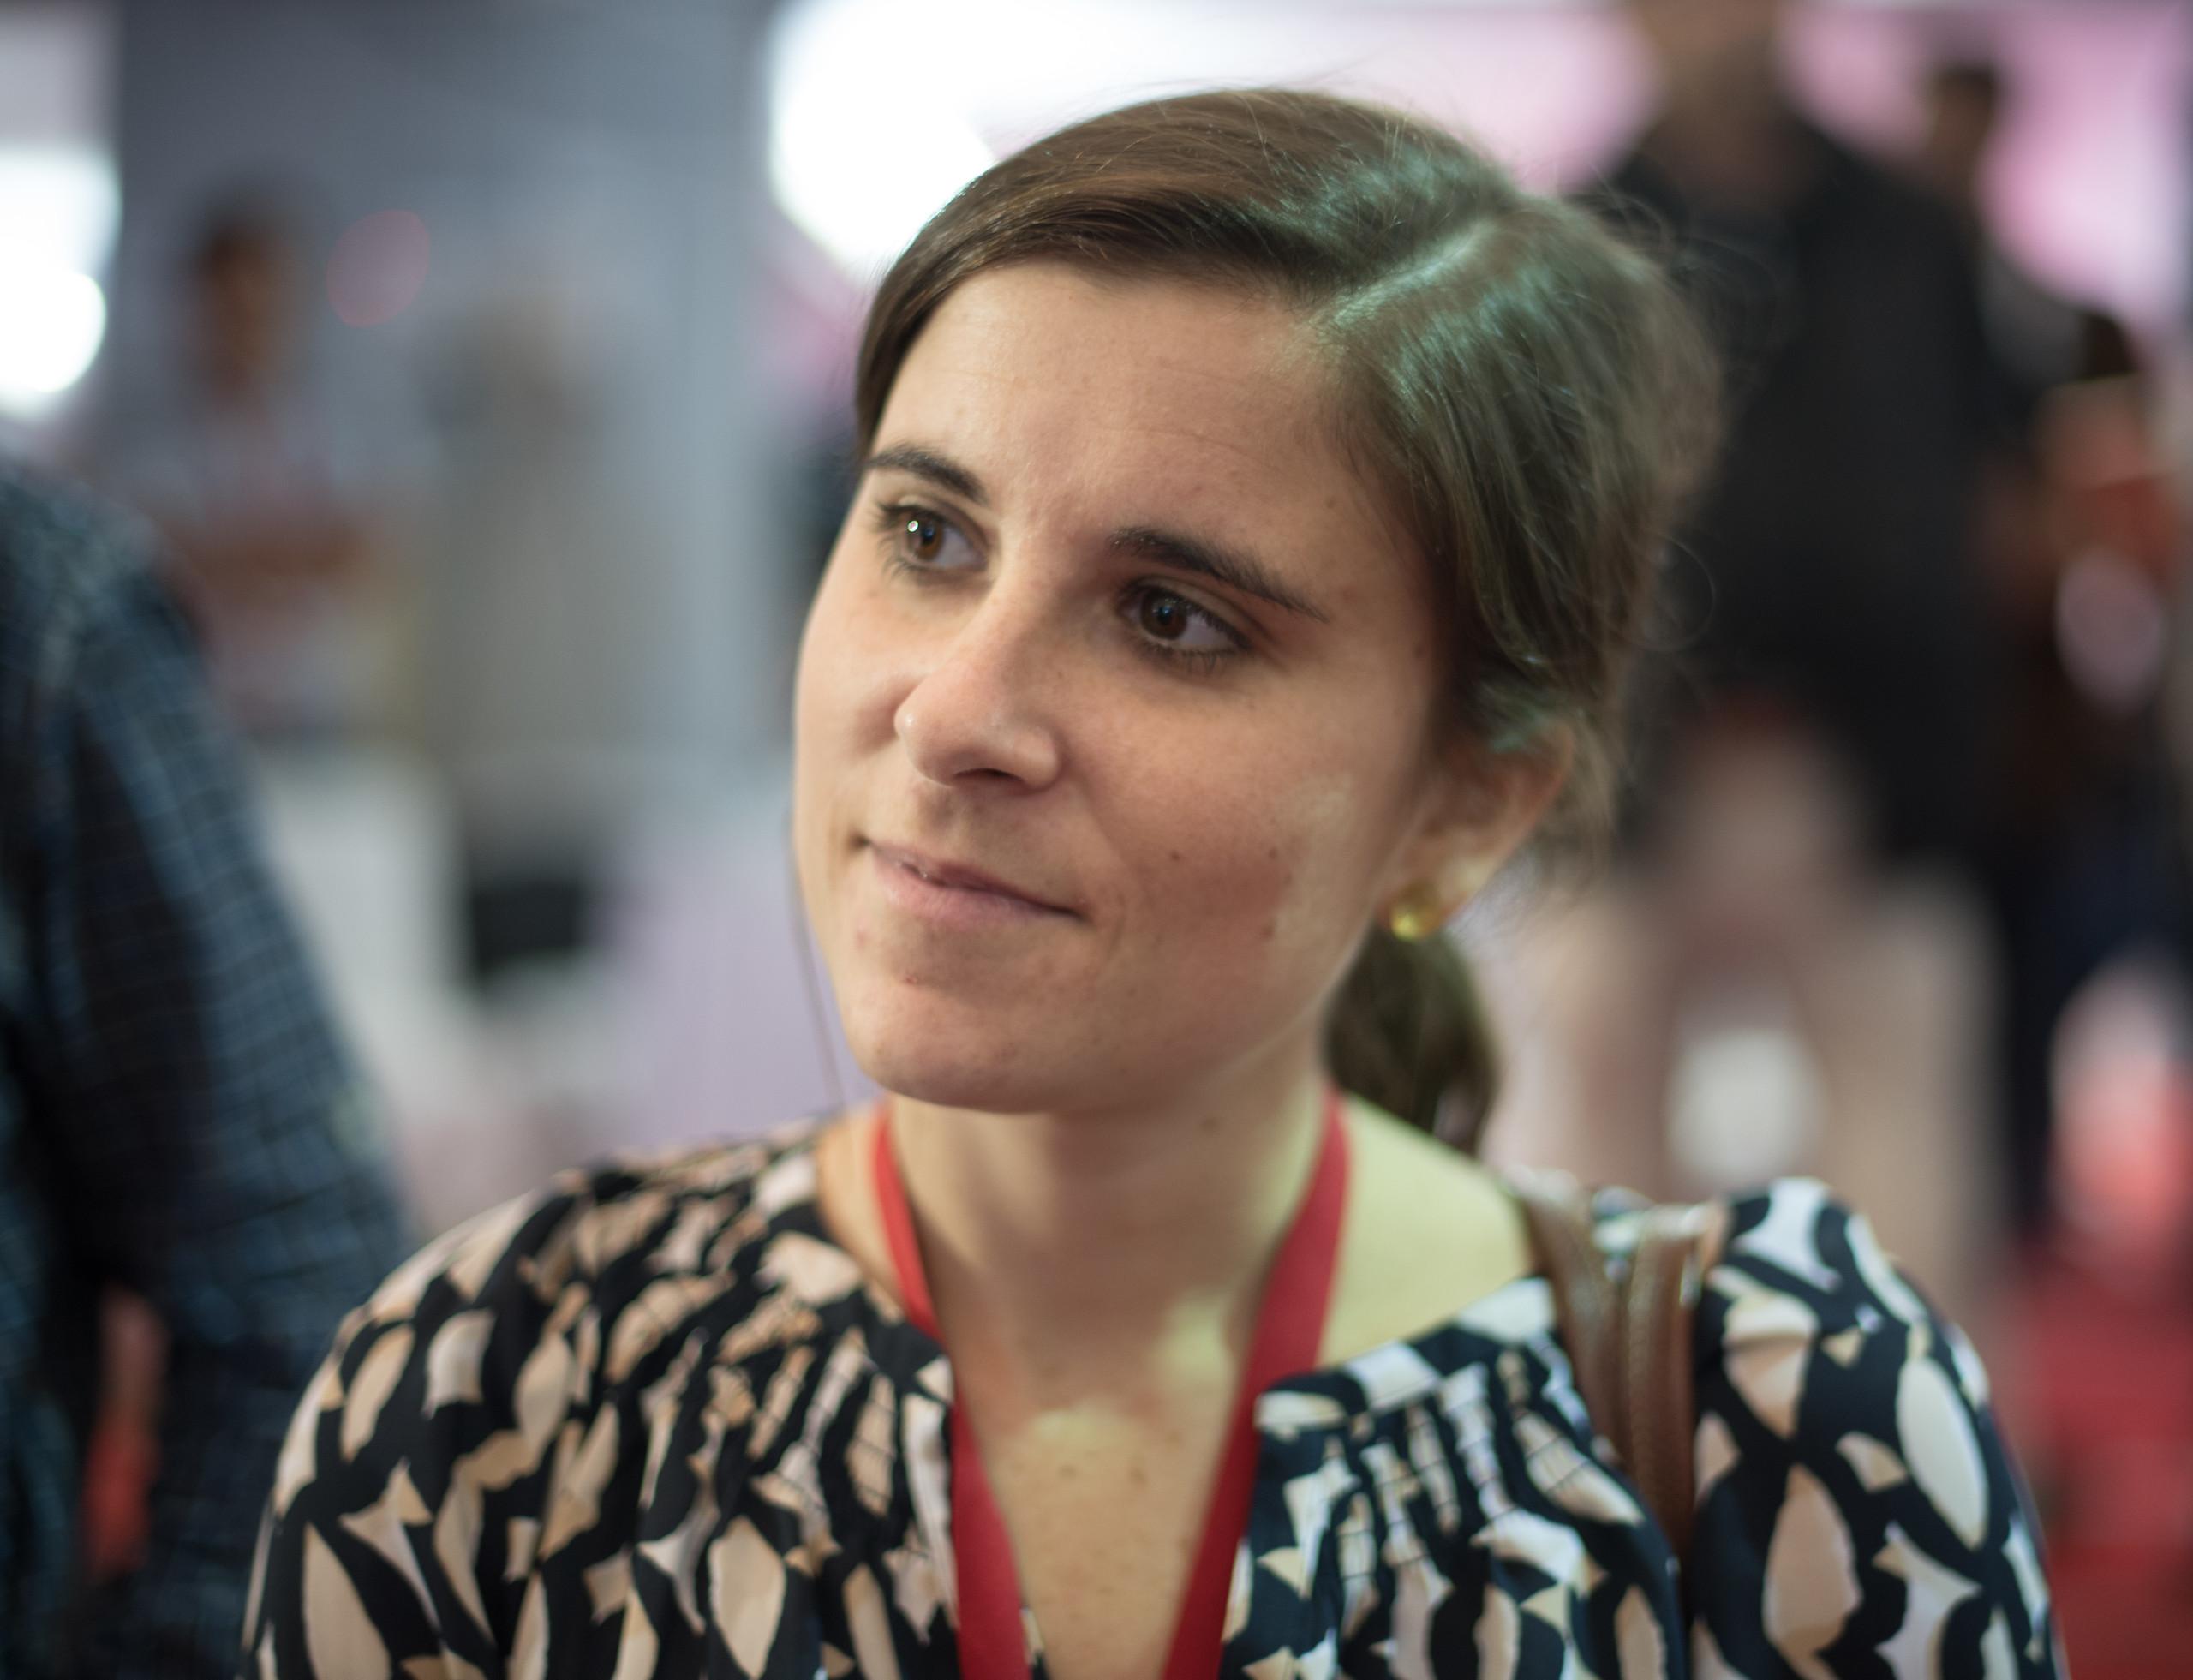 Caitlin Dolkhart